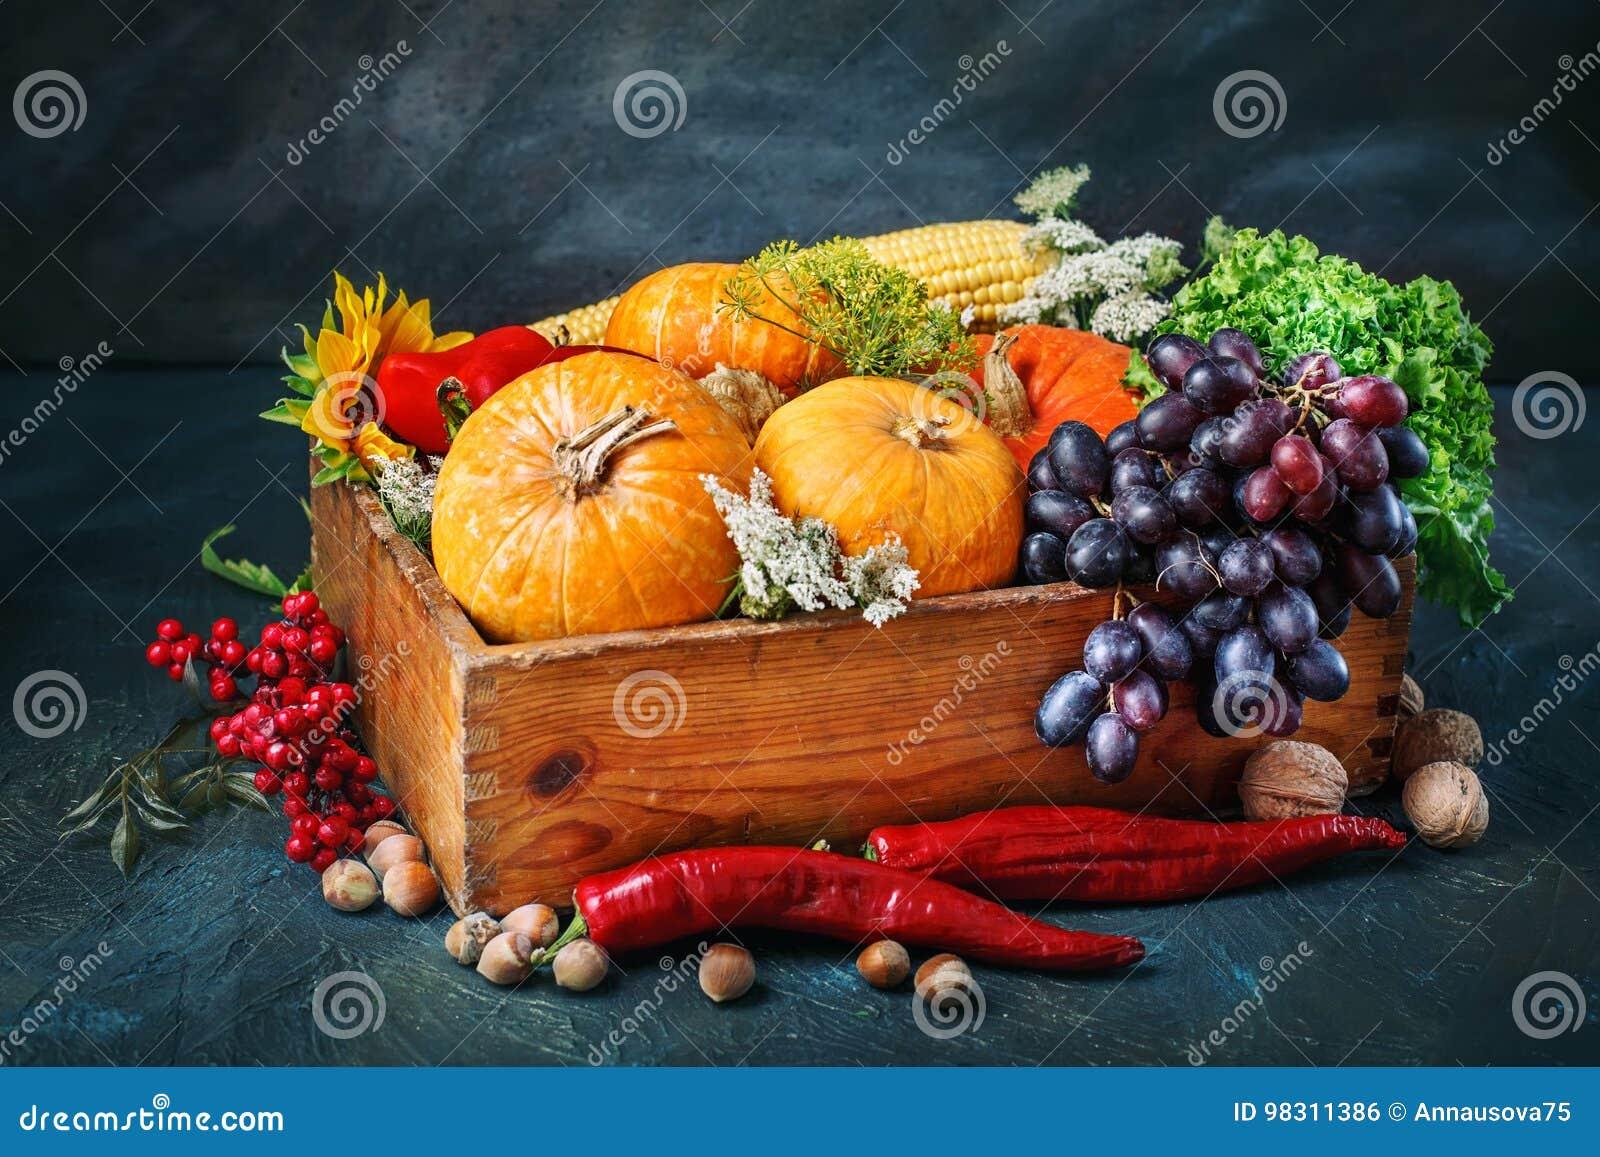 La table, décorée des légumes et des fruits Festival de récolte, thanksgiving heureux